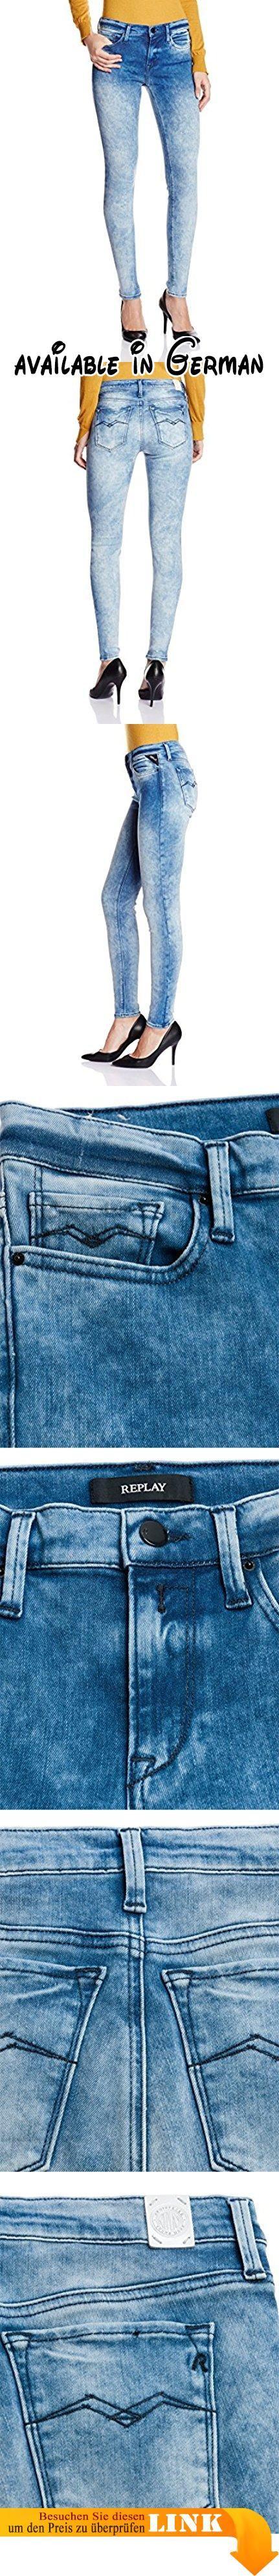 Replay Damen Jeggings Jeanshose Joi, Gr. W25/L32 (Herstellergröße: 25), Blau (Blue Denim 10). Diese Jeggins von Replay sollte in keinem gut sortierten Kleiderschrank fehlen. Die sehr schmal geschnittene Jeans passt sich dank des hohen Modal-Stretch-Anteils und ihrer robusten Qualität perfekt an die Haut an. Sie hat eine höhere Leibhöhe und den klassischen 5-Pocket-Look. Mit engem Print-Shirt oder Longbluse, High Heels und interessanten Accessoires gelingen sexy Outfits